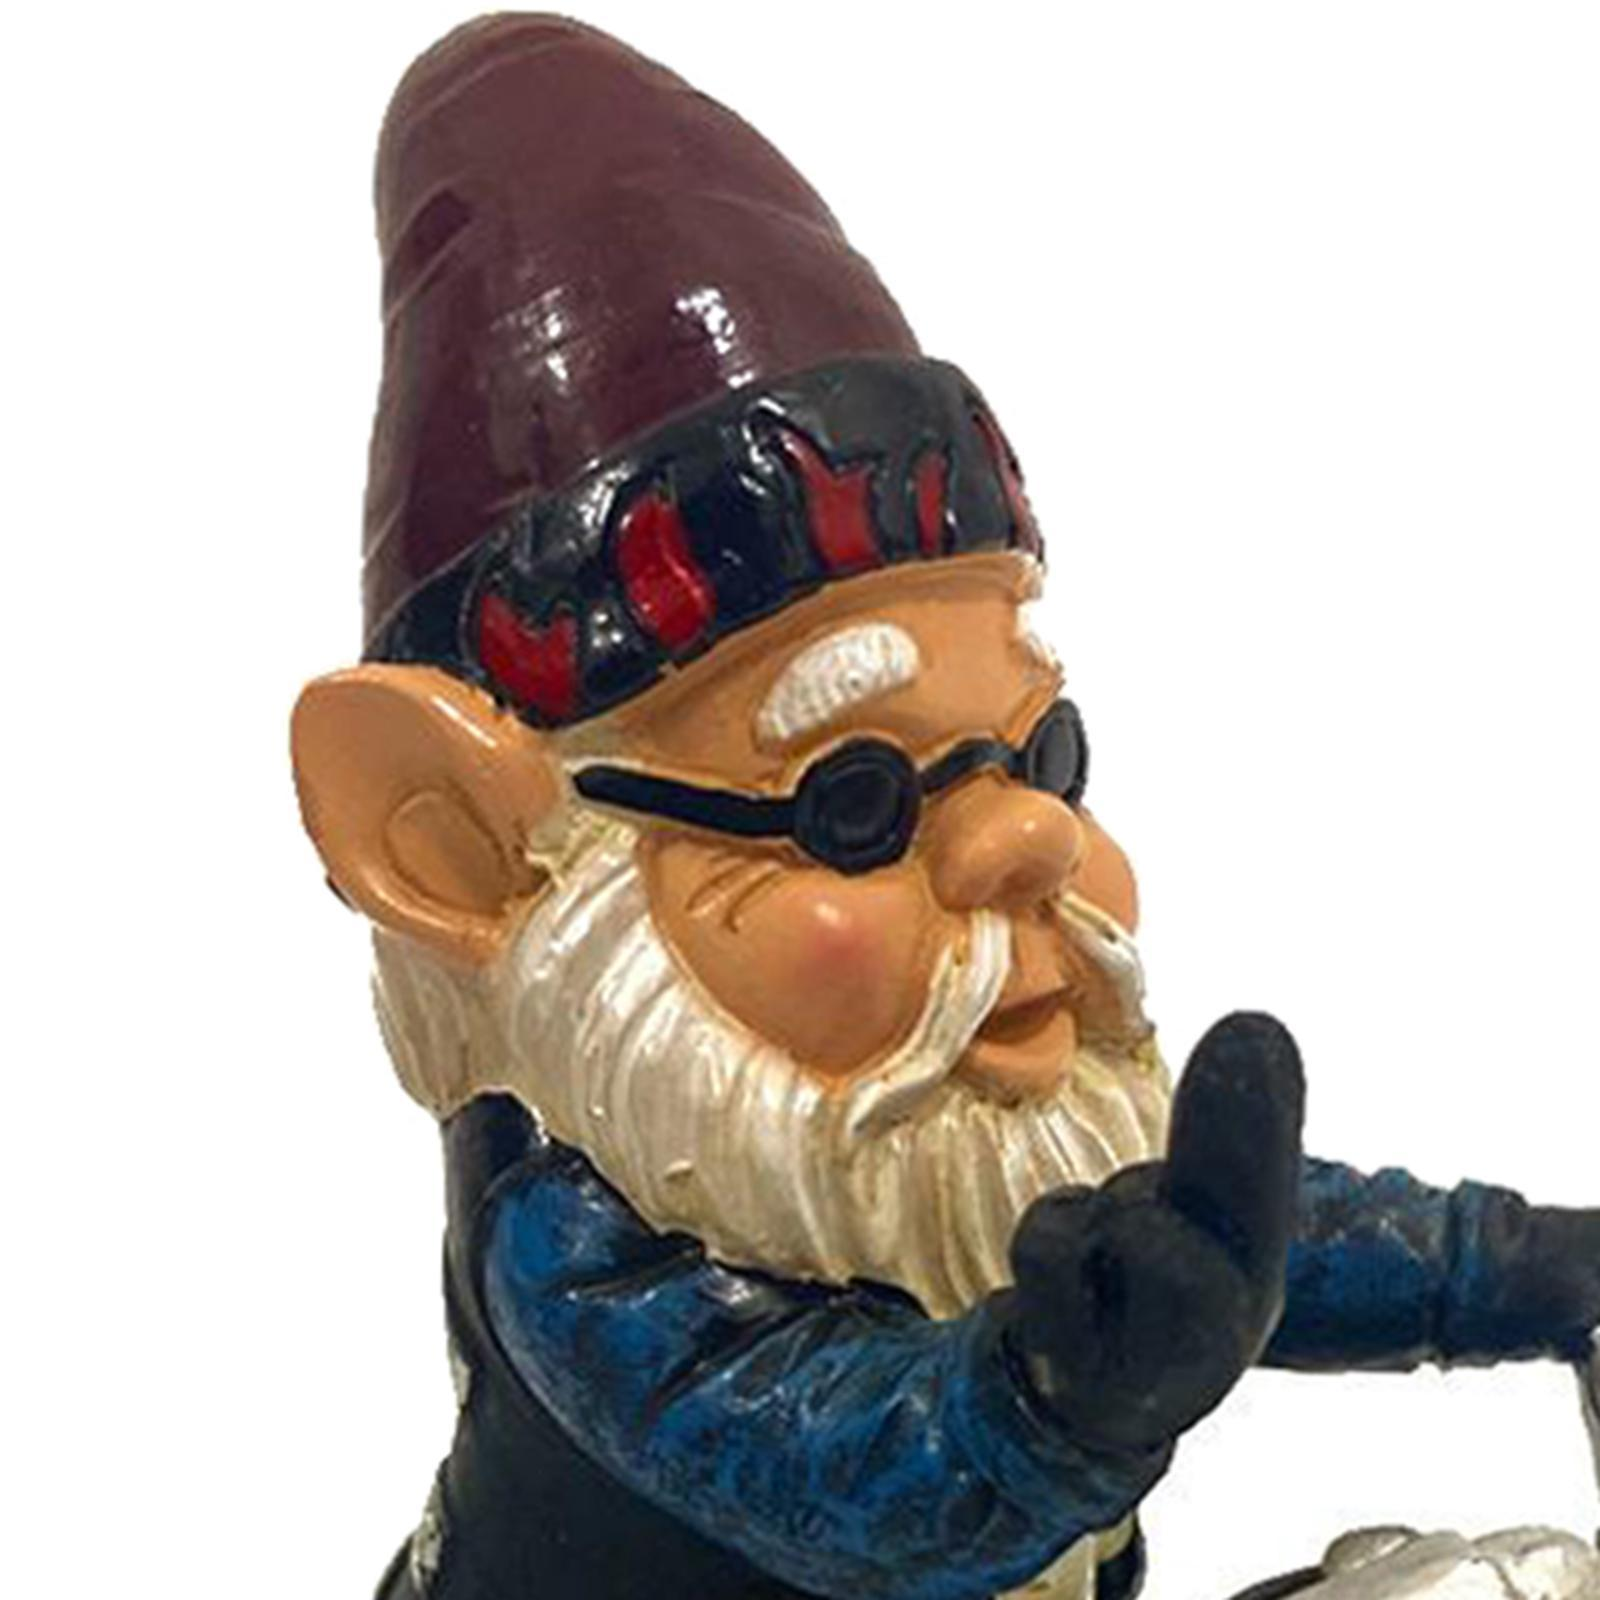 thumbnail 25 - Garden Gnome Polyresin Garden Sculpture Outdoor/Indoor Decor Funny Lawn Figurine